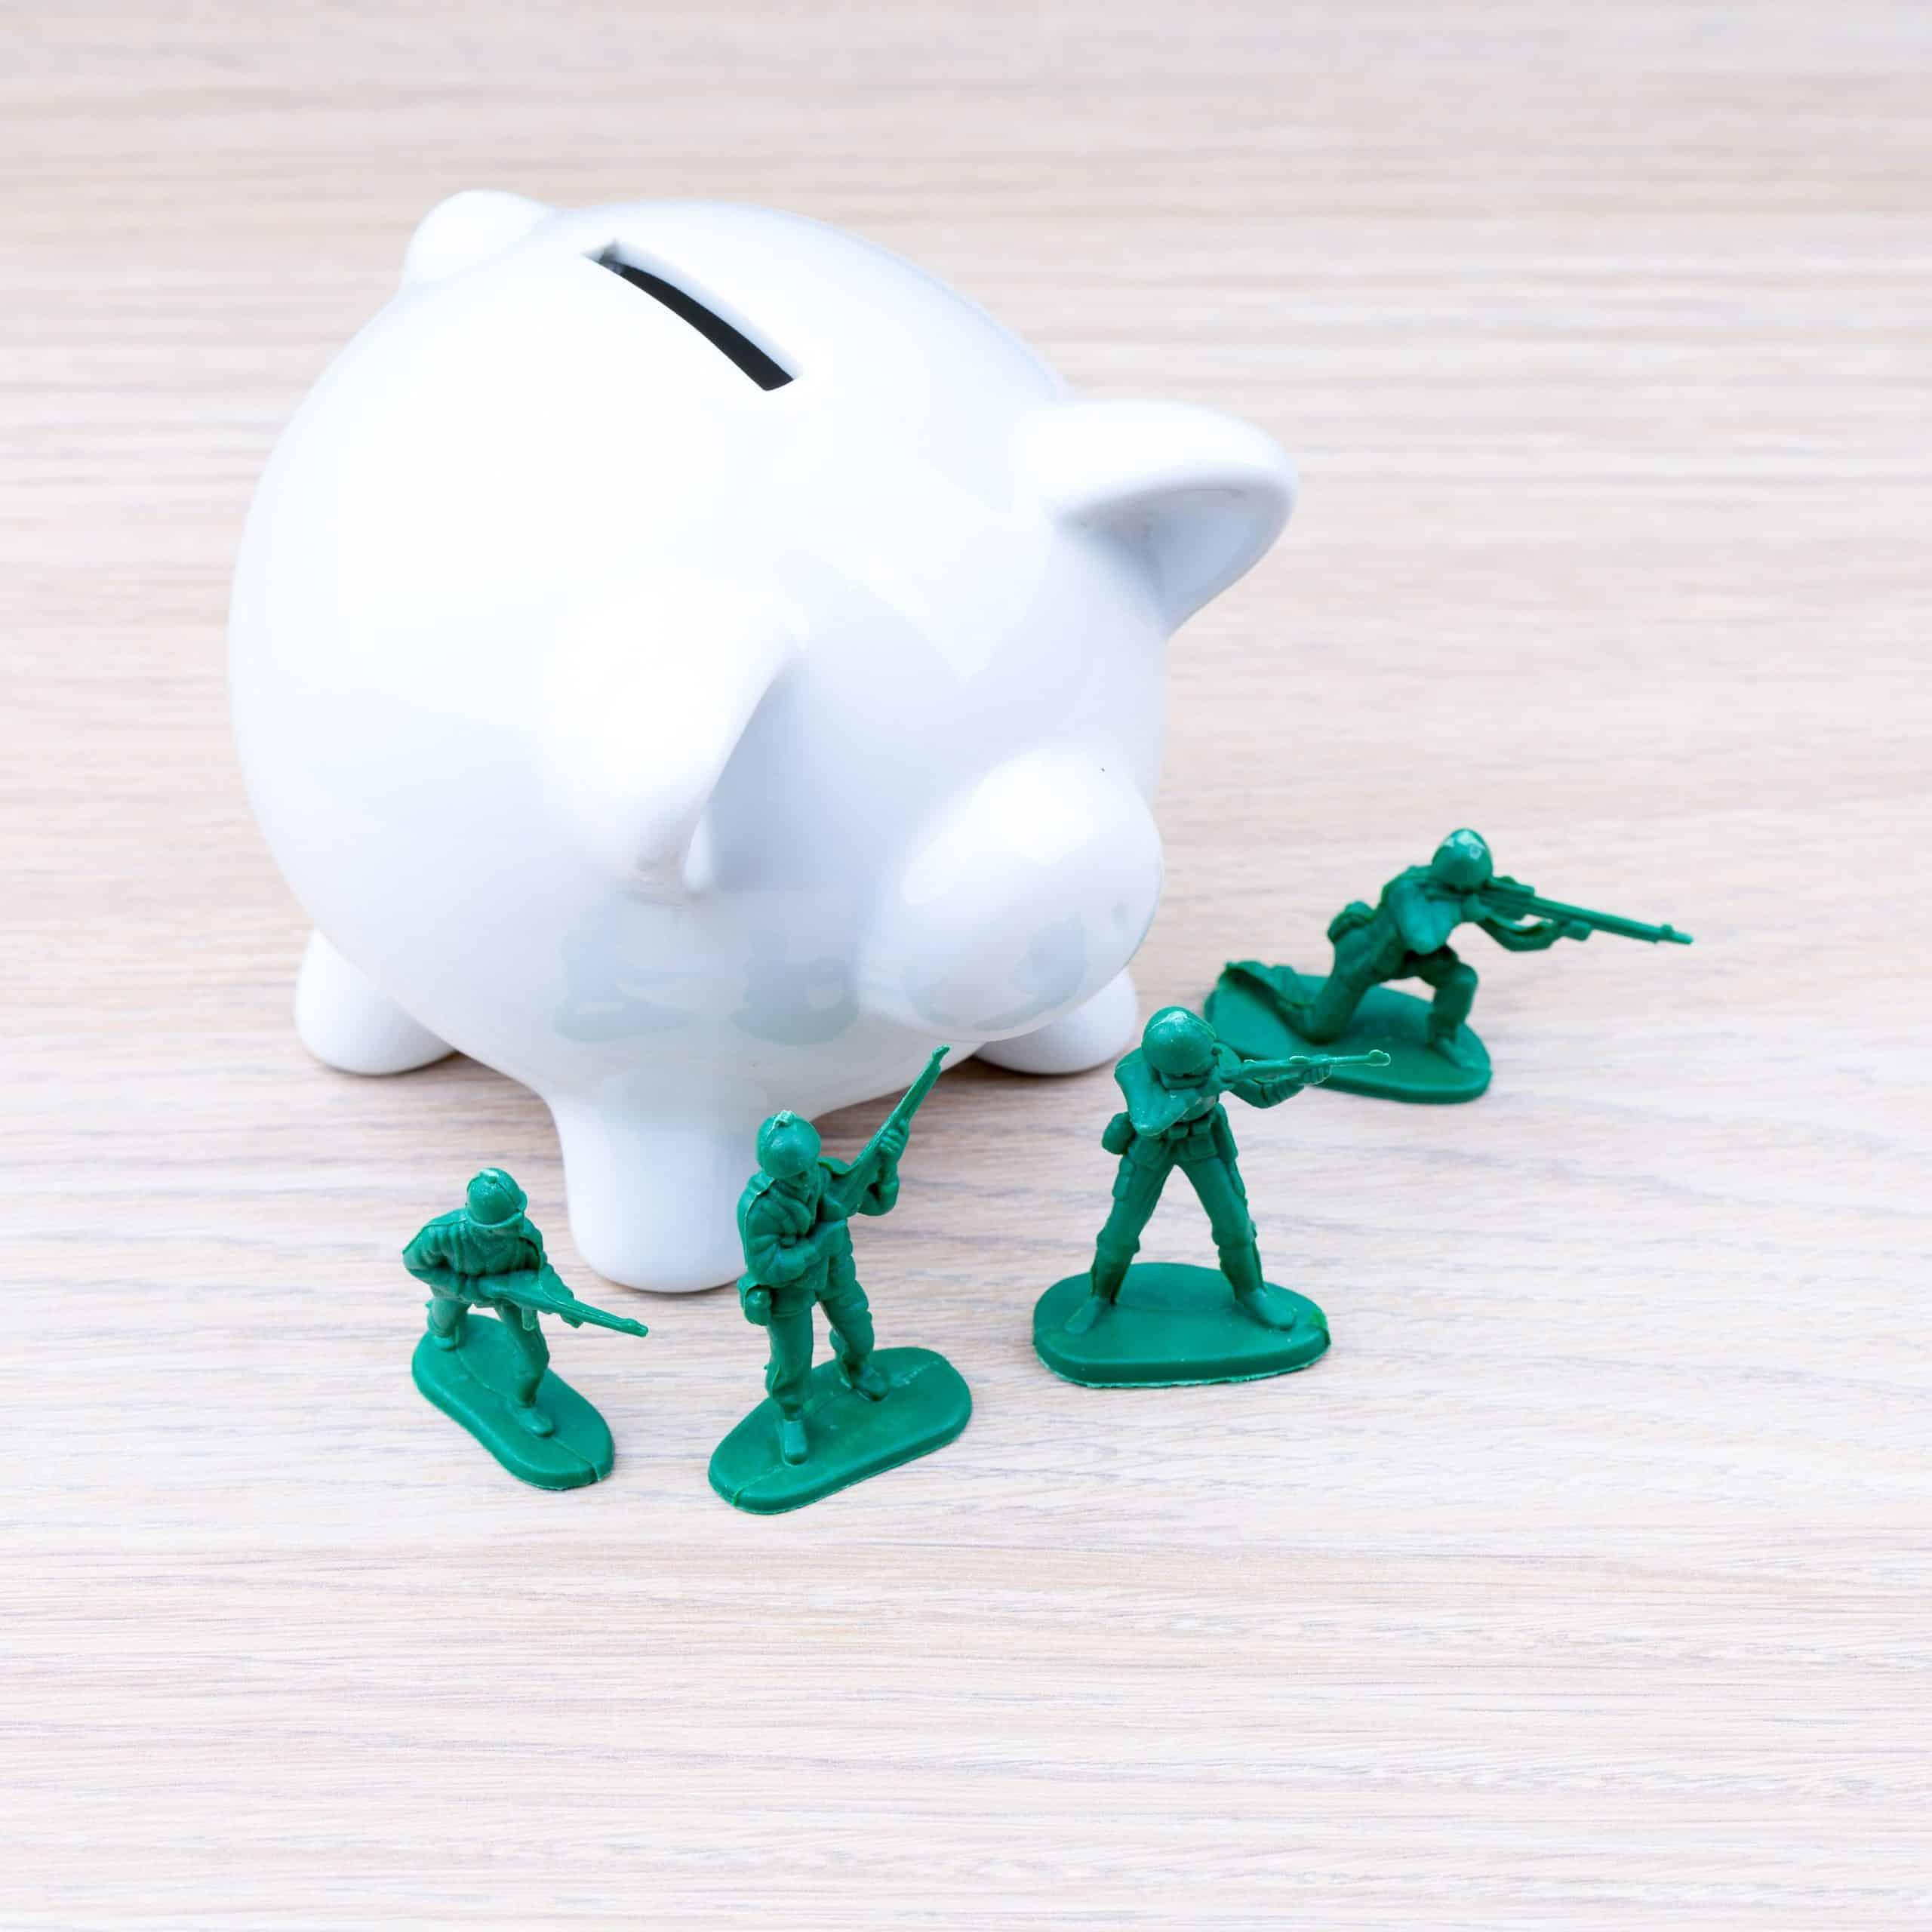 Zöld játék katonák malacpersely előtt, az anyagi biztonság megőrzése vagy befektetés védelme